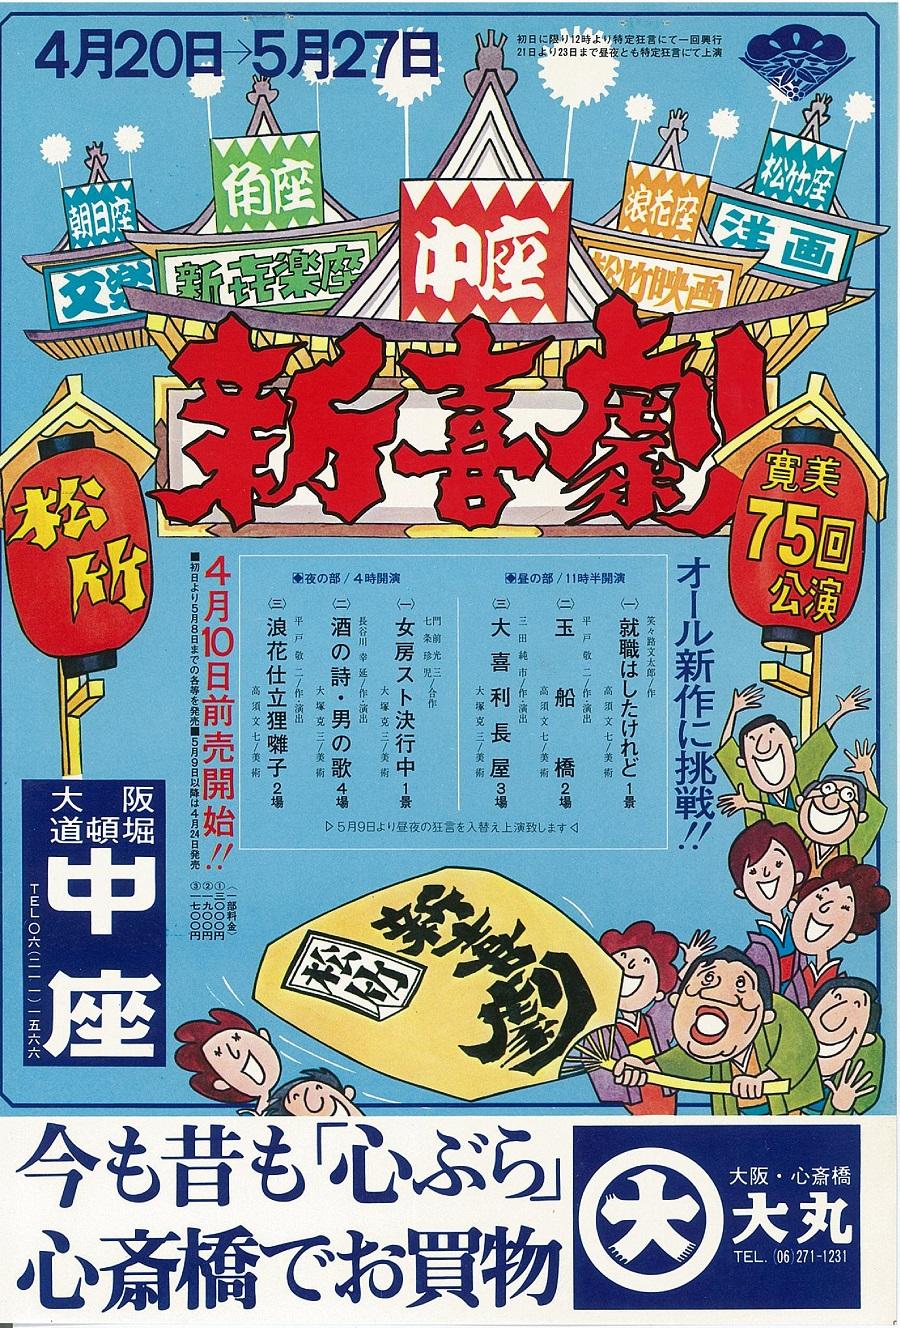 【中座】松竹新喜劇 4月中旬~5月